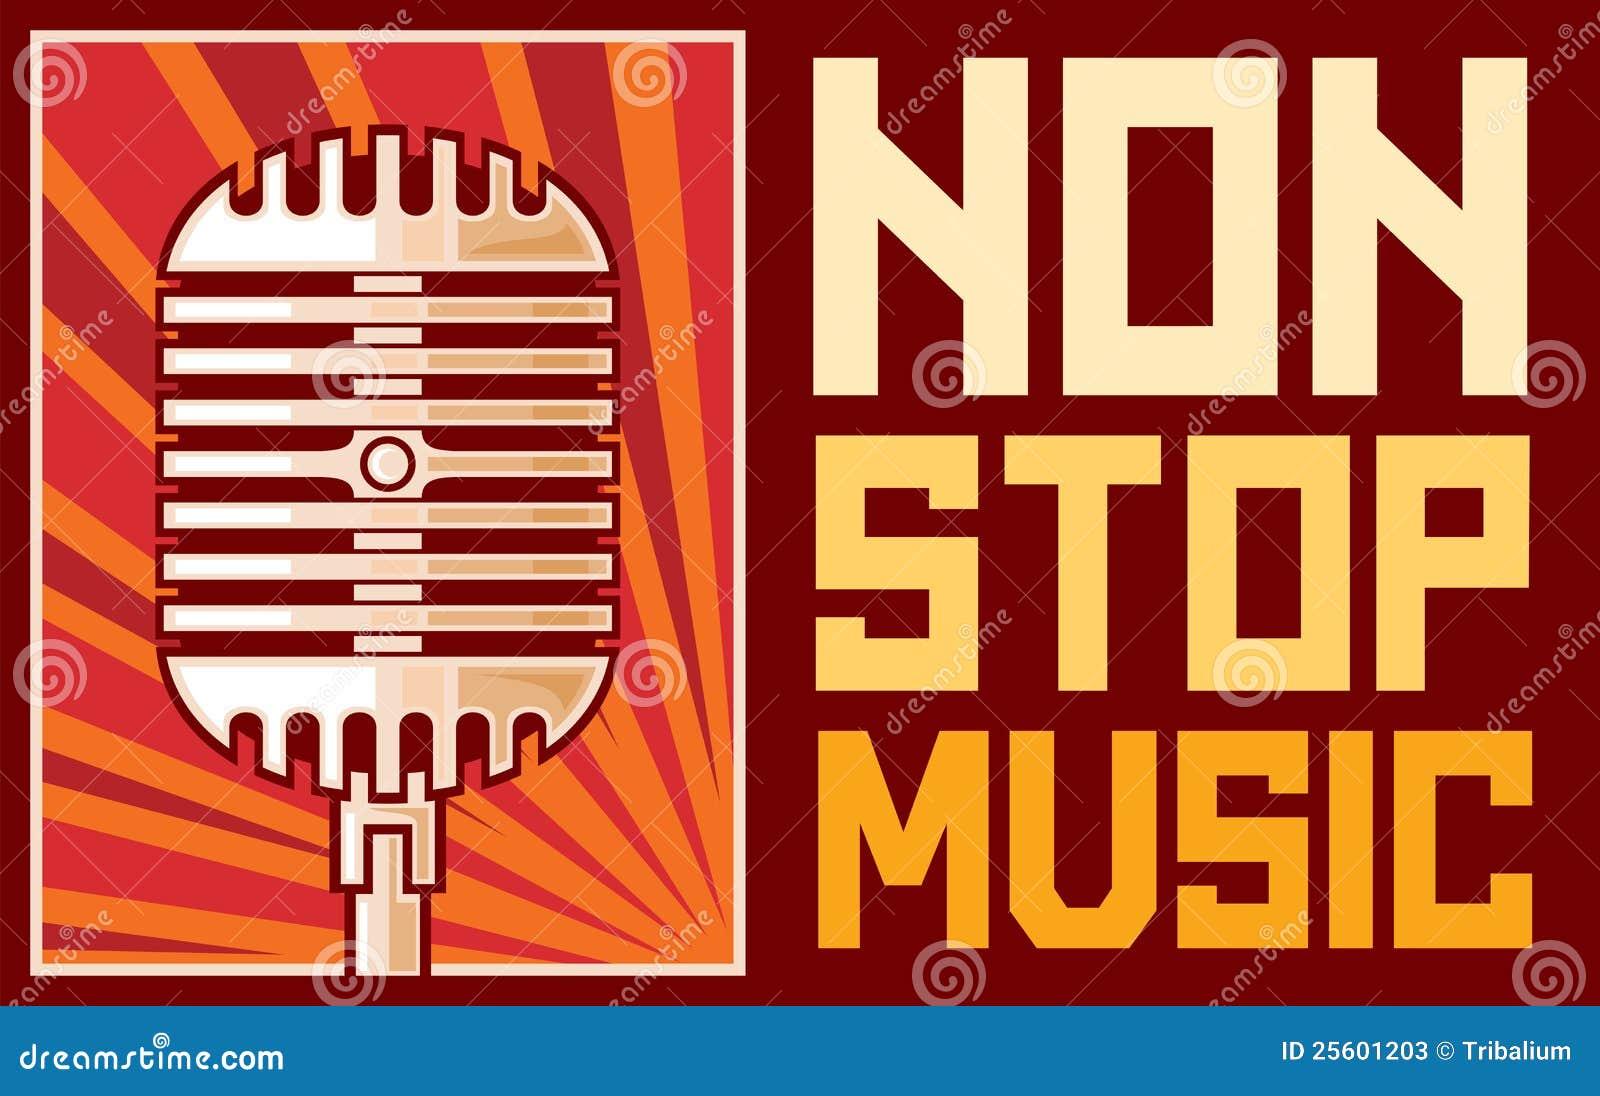 Non Stop Music Stock Photos - Image: 25601203